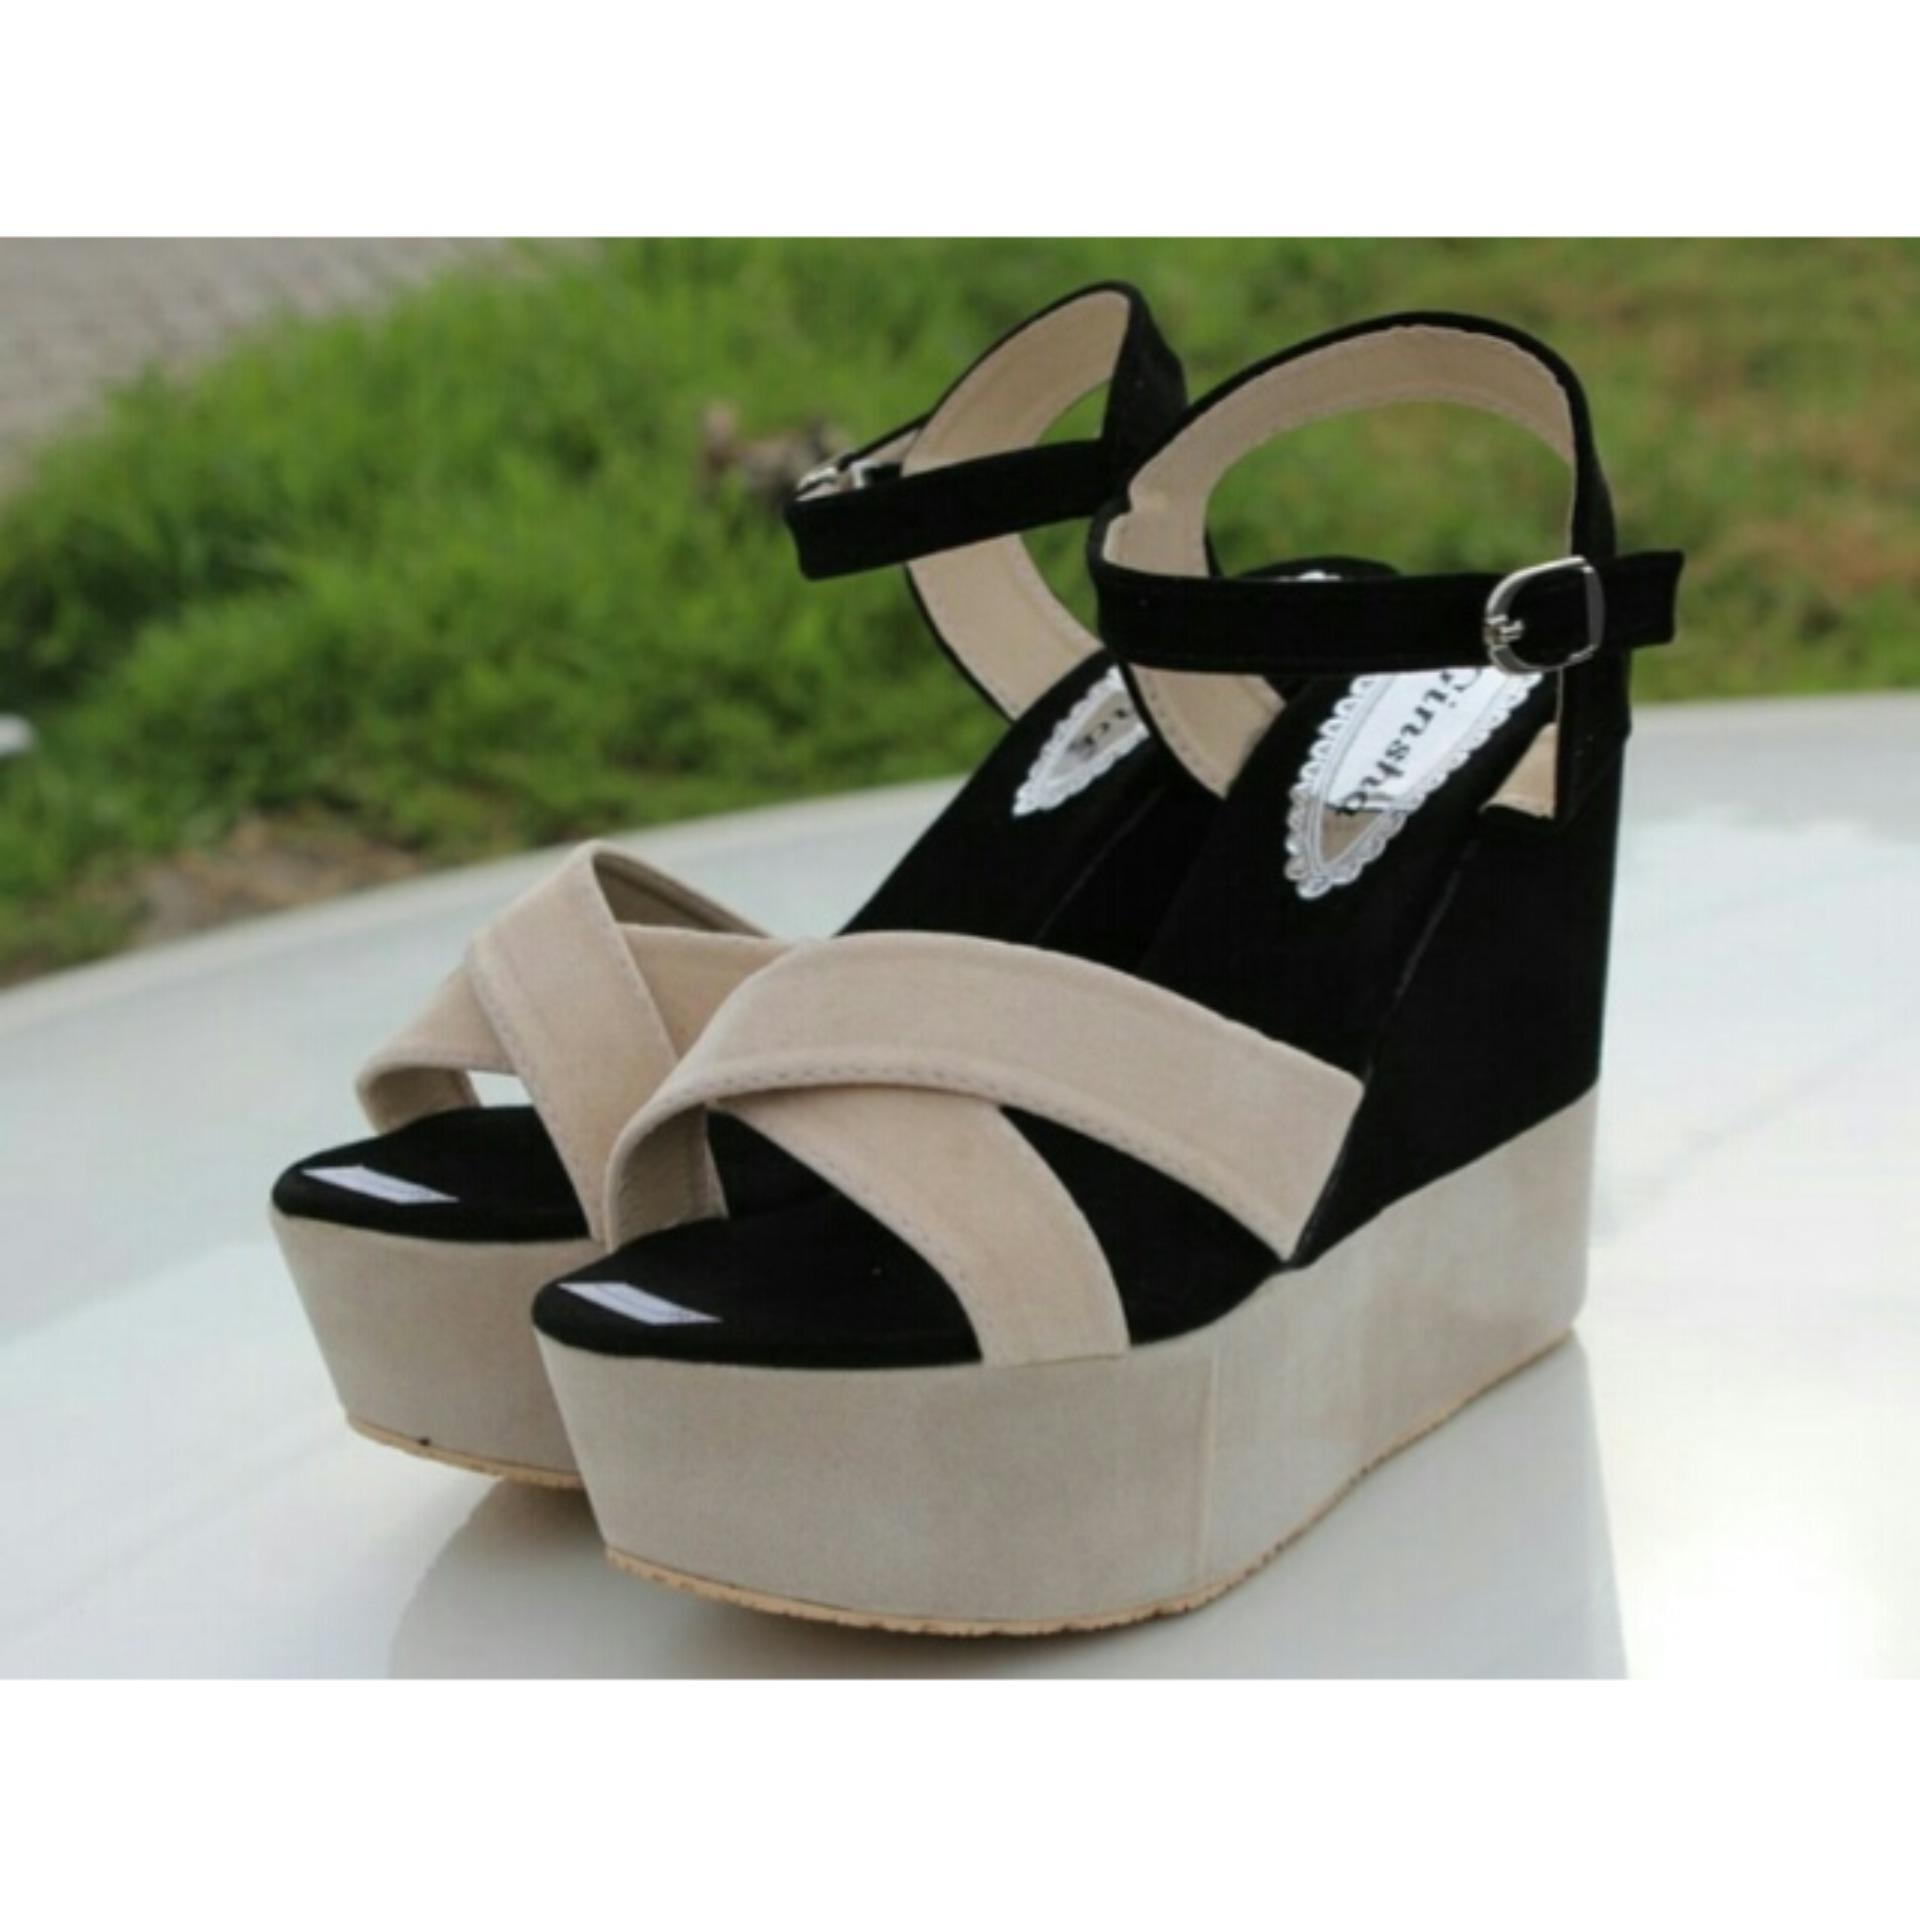 Fuboshoes Sepatu Wanita Wedges M71 Daftar Harga Terbaru Dan On02 On 02